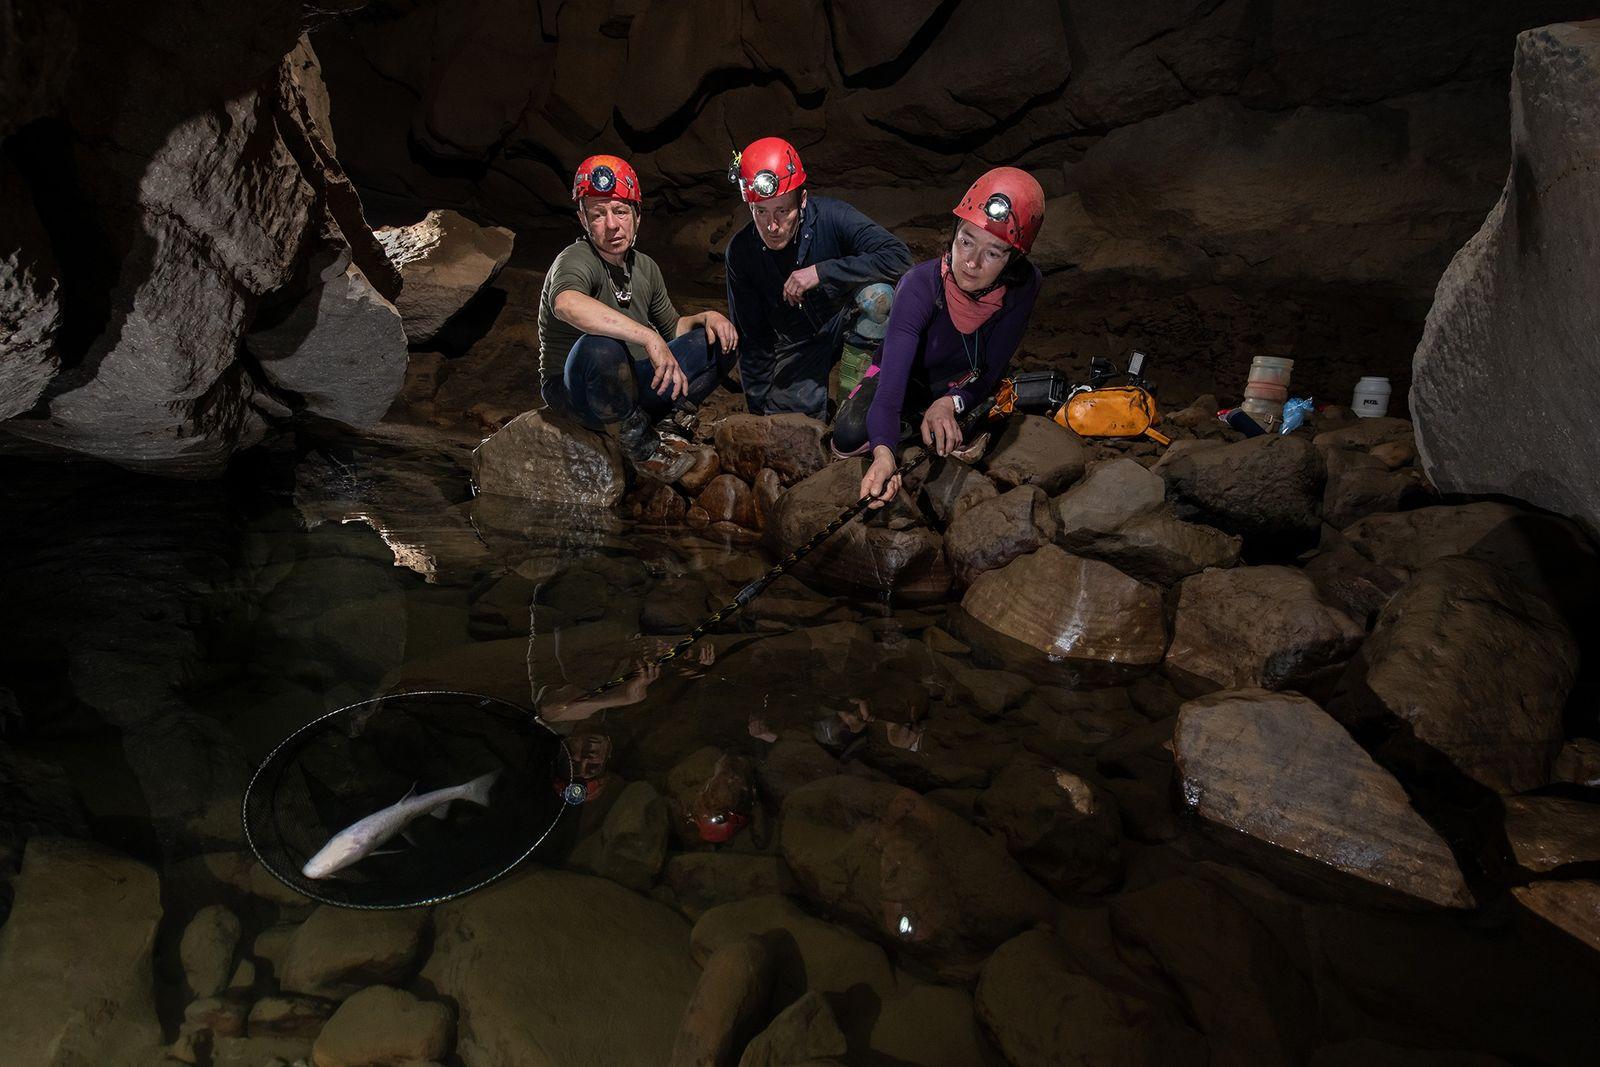 Nicky Bayley, espeleólogo britânico, captura o peixe cego cavernícola em uma rede na caverna Ladaw, enquanto ...